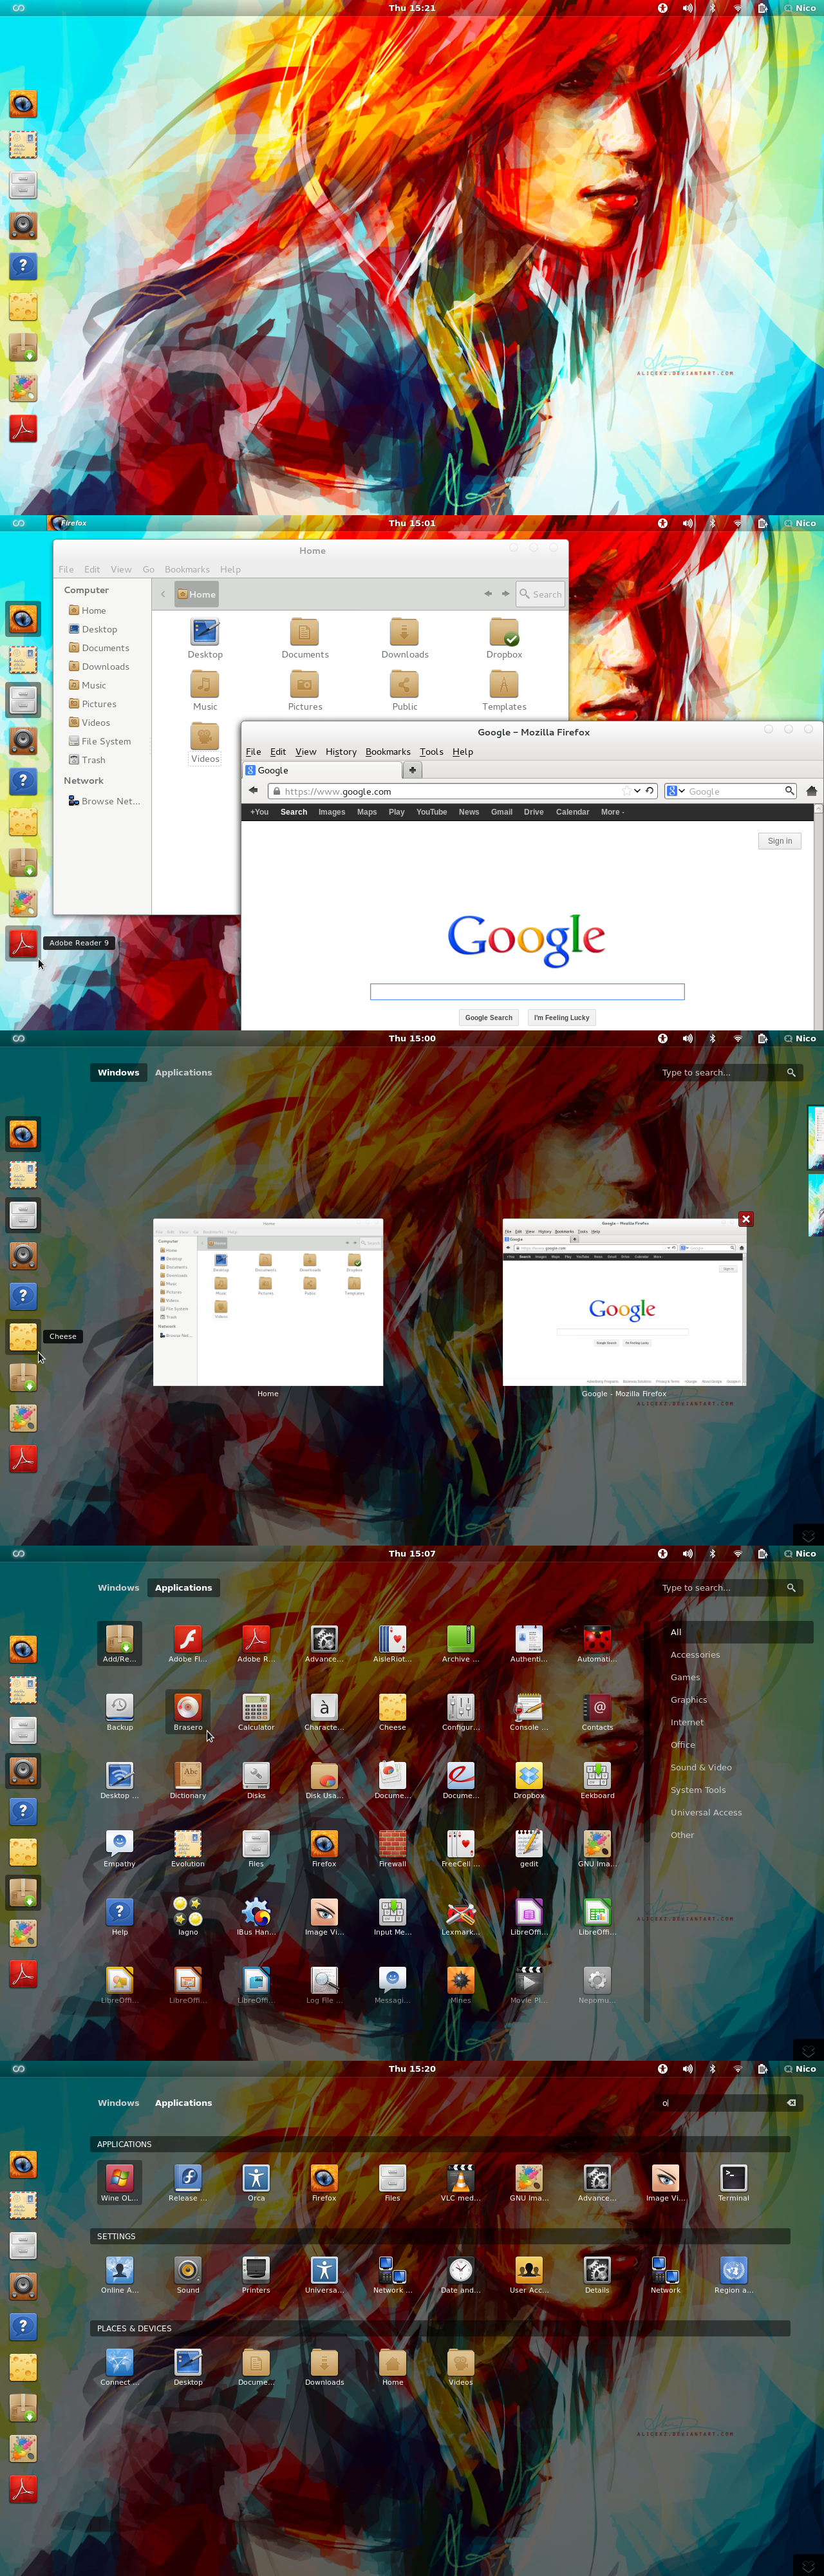 Desktop screenshot II